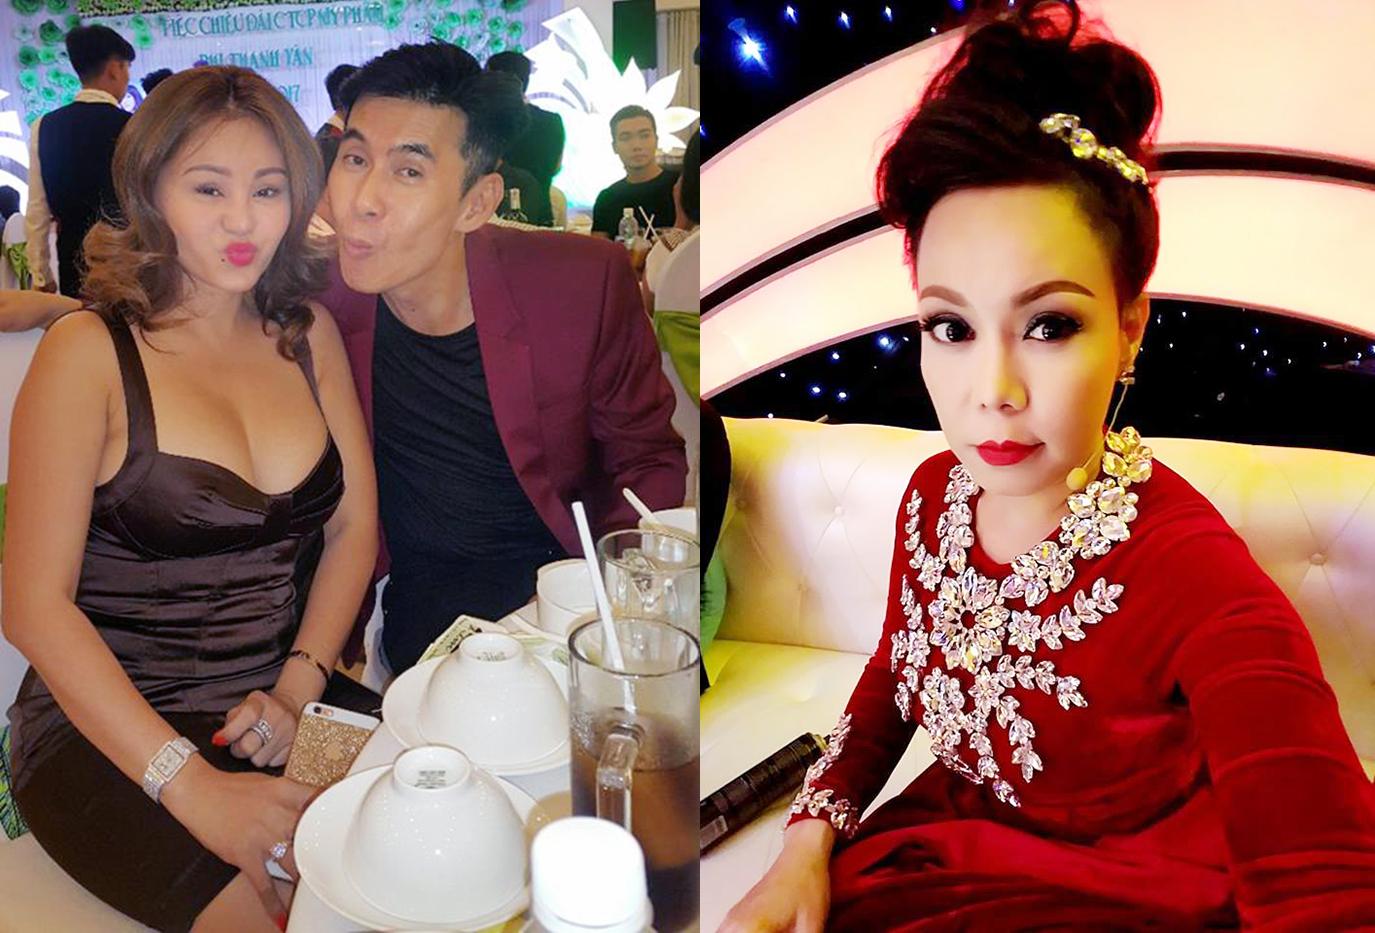 Ảnh đời thường qua Facebook của Sao Việt ngày 13/7